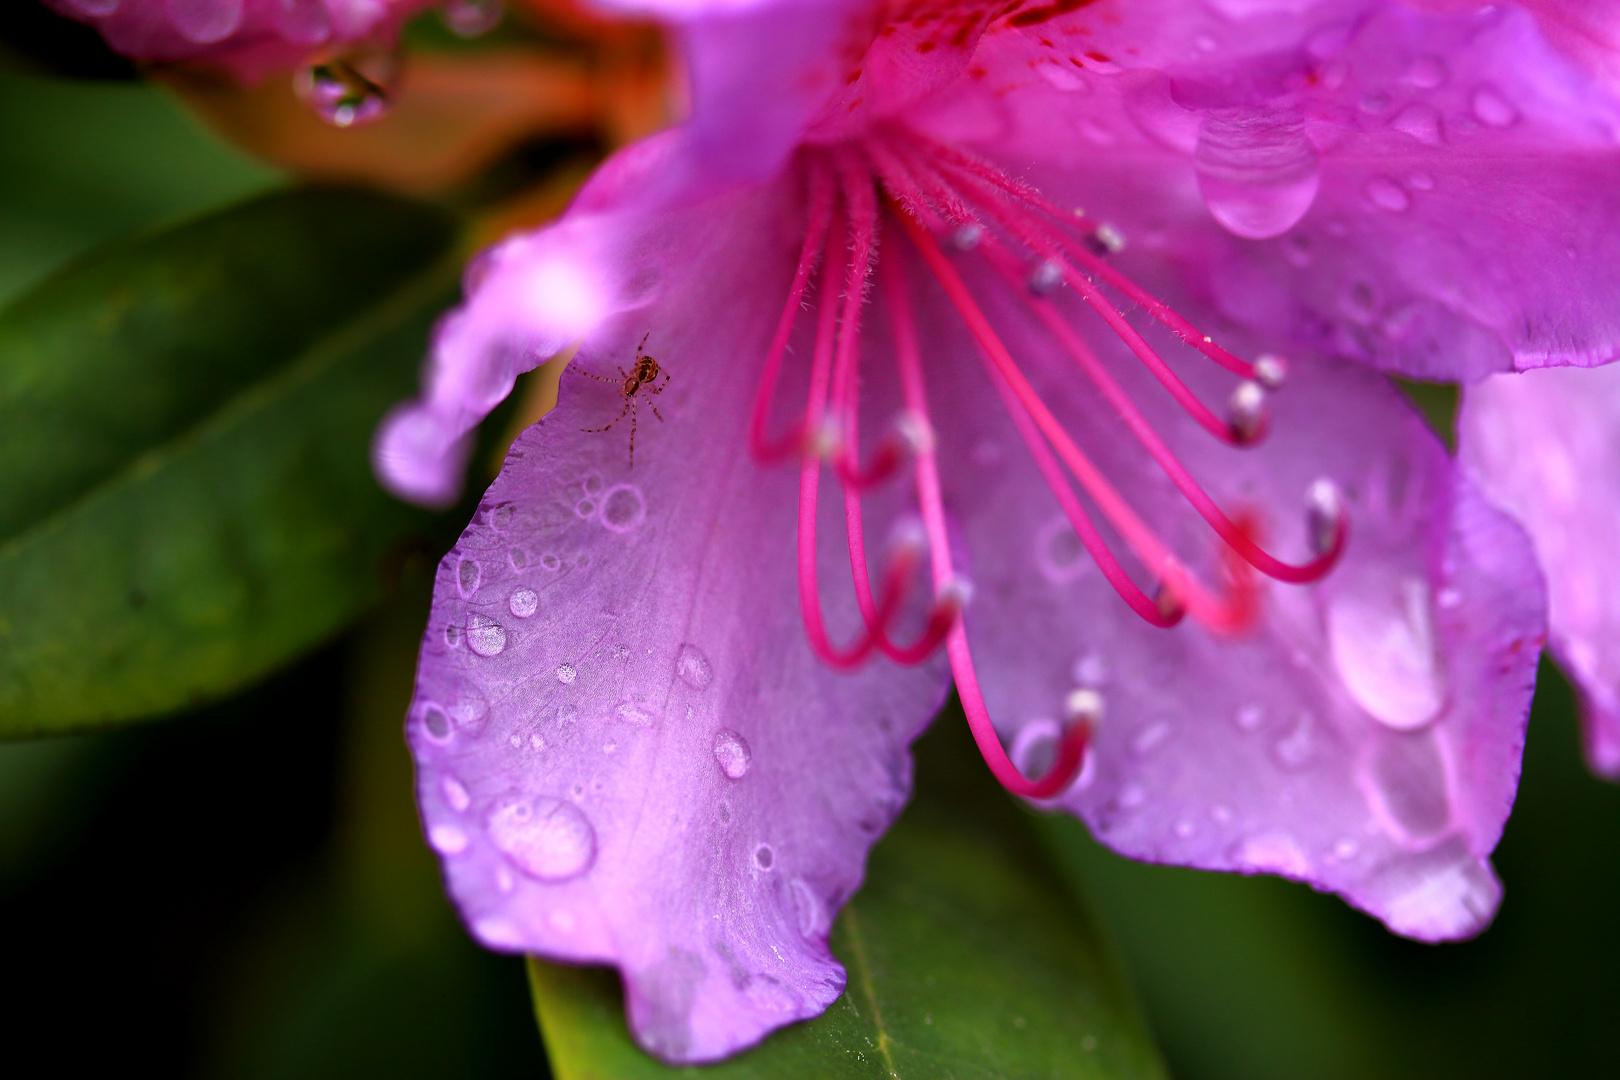 Eine Rhododendronblüte am Morgen